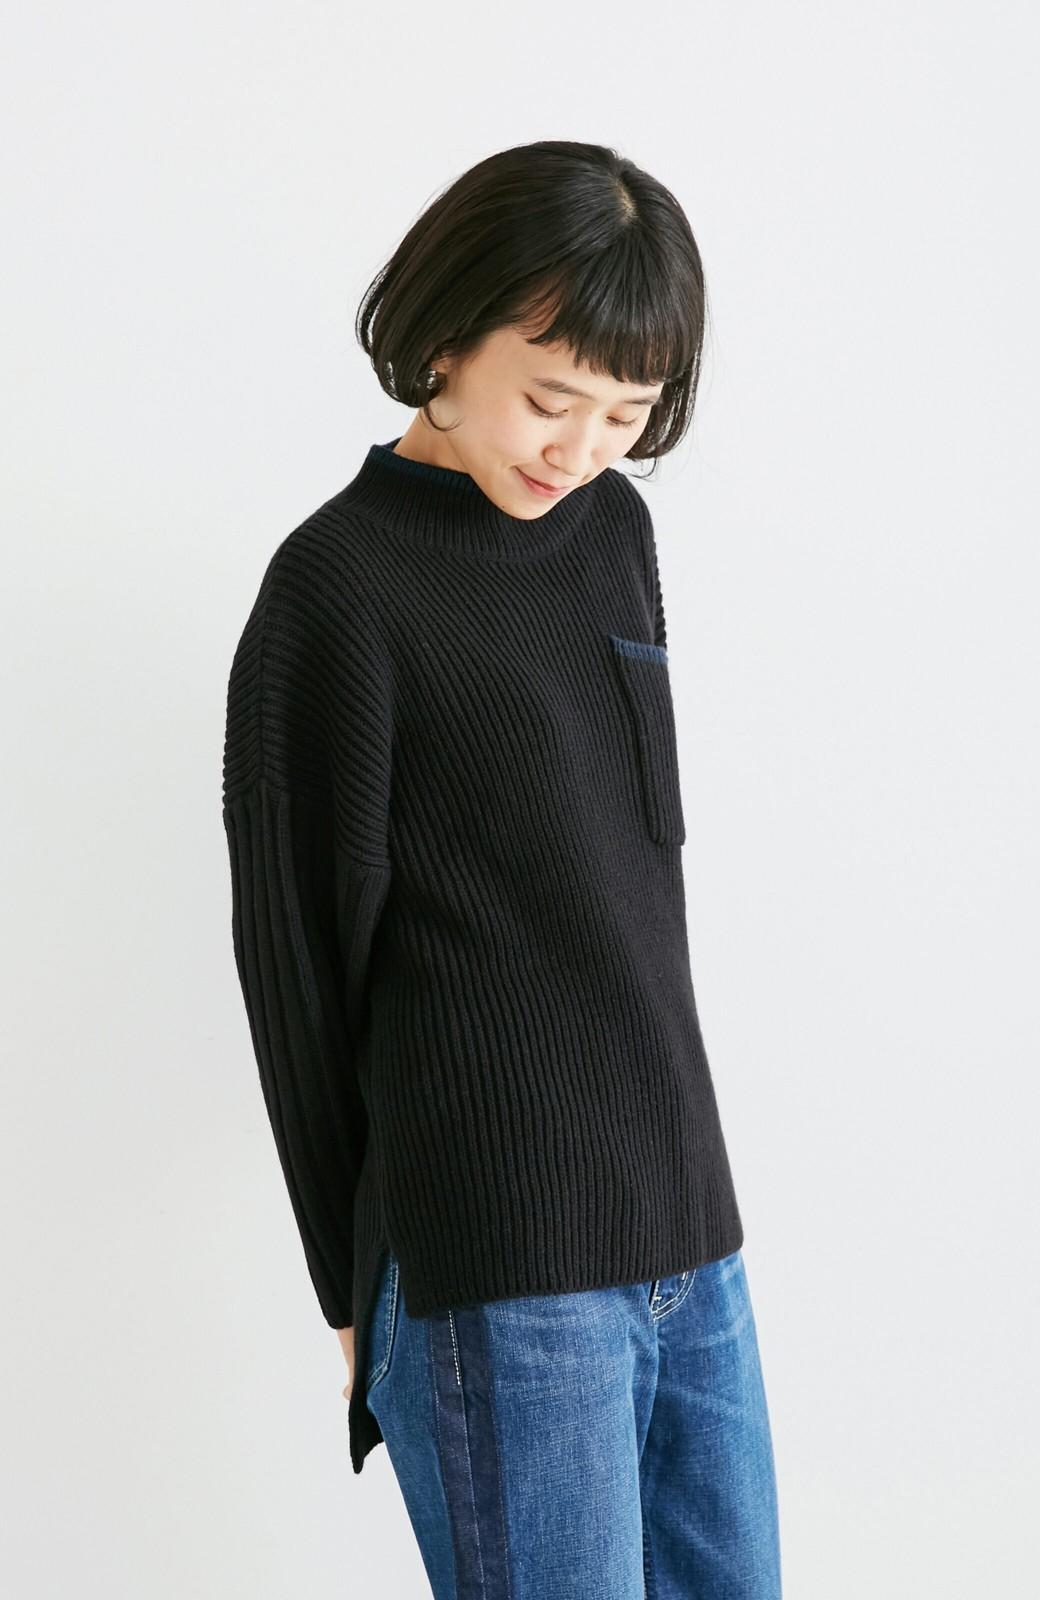 nusy 【mer11月号掲載】配色ラインがポイントのリブ編みニットアップ  <ブラック>の商品写真8